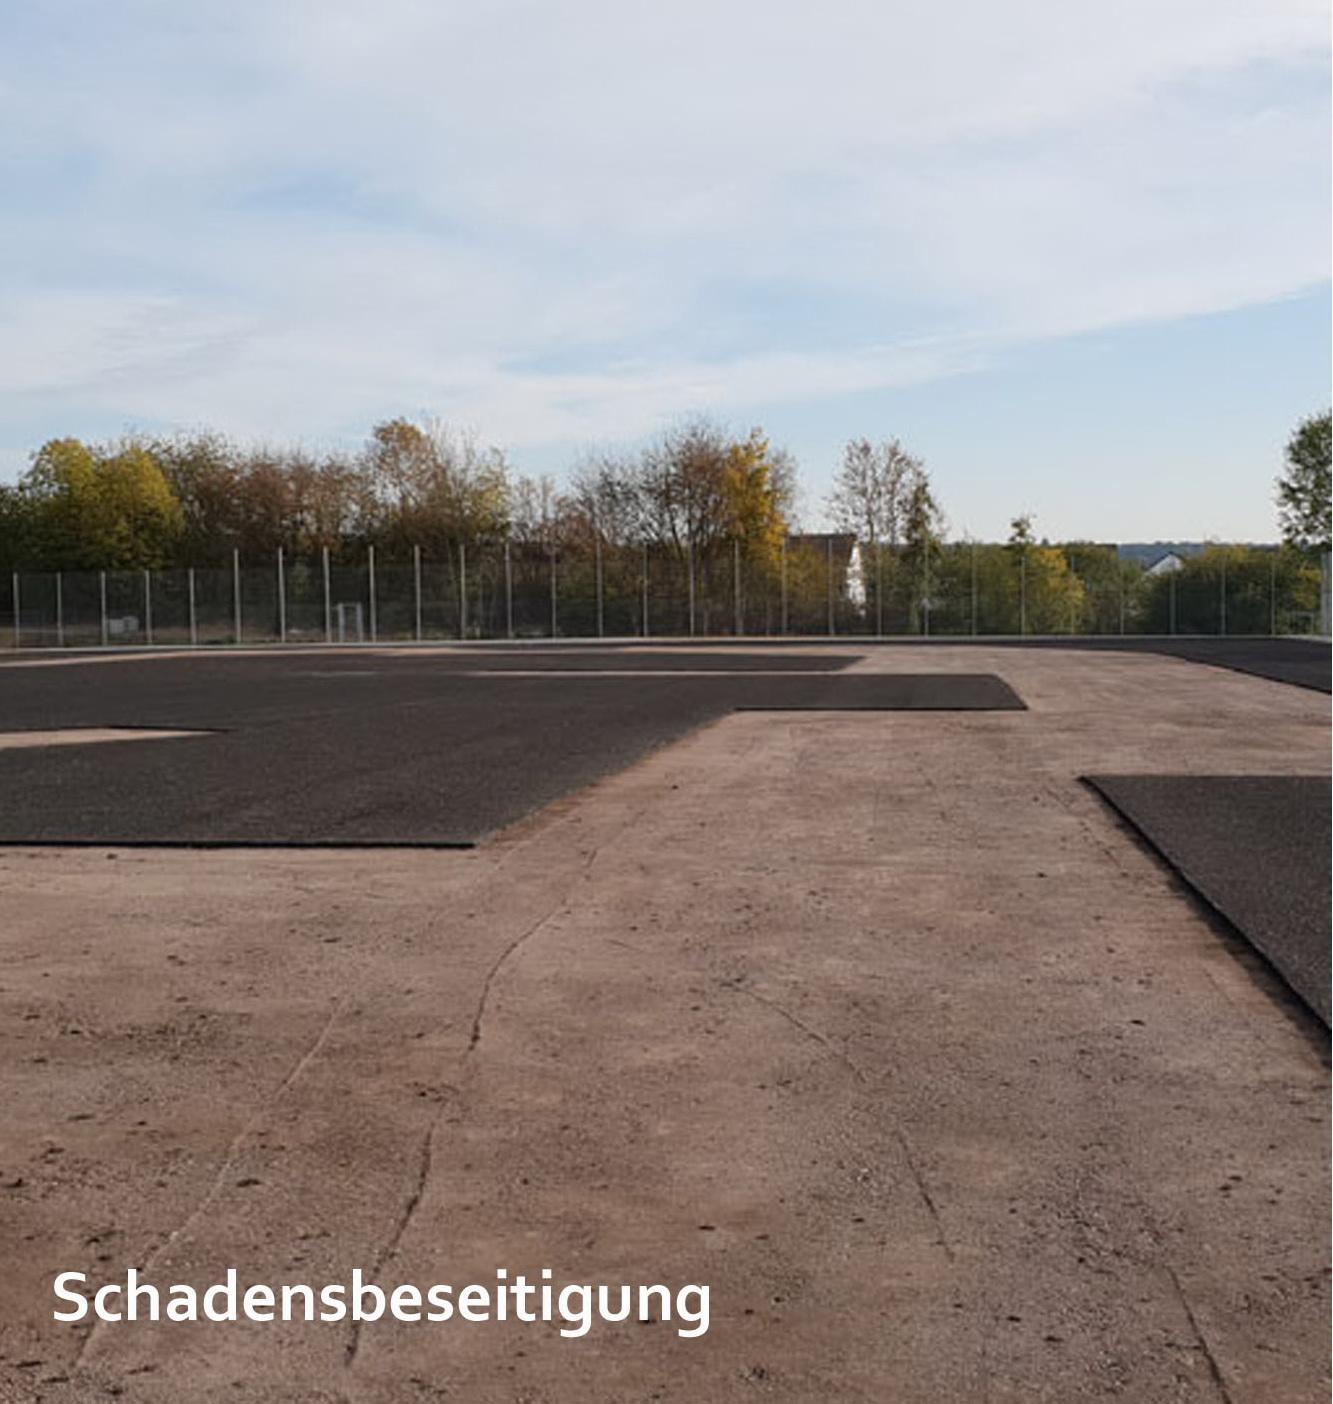 Sportanlage Altkönig Kronberg Altkönigschule im Taunus Beseitigung Vandalismusschaden